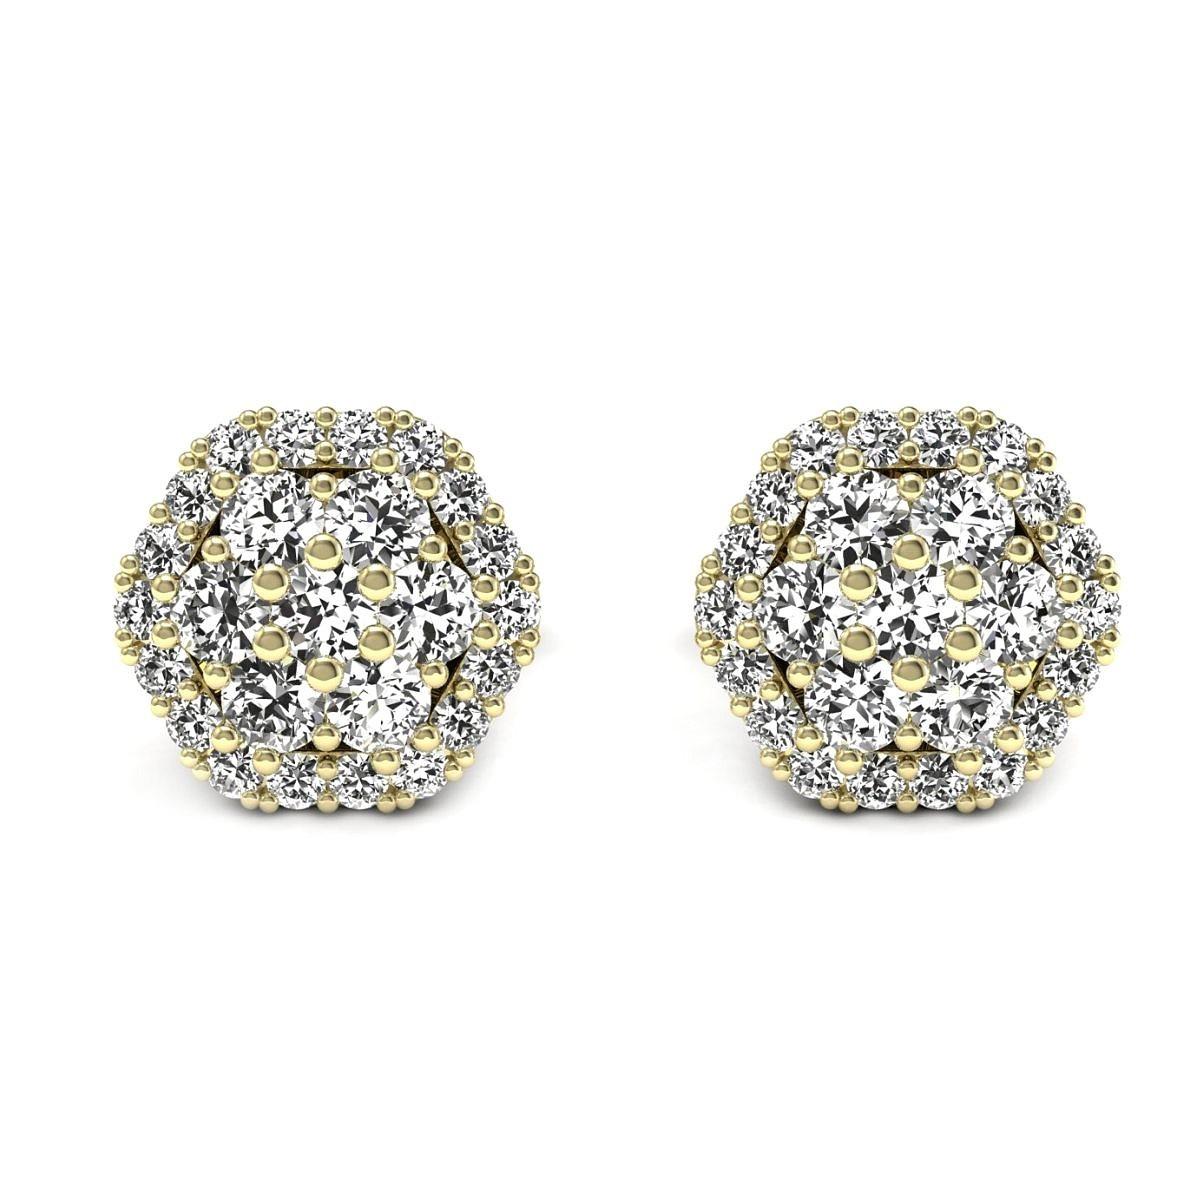 Casablanca - Kolczyki złote z diamentami